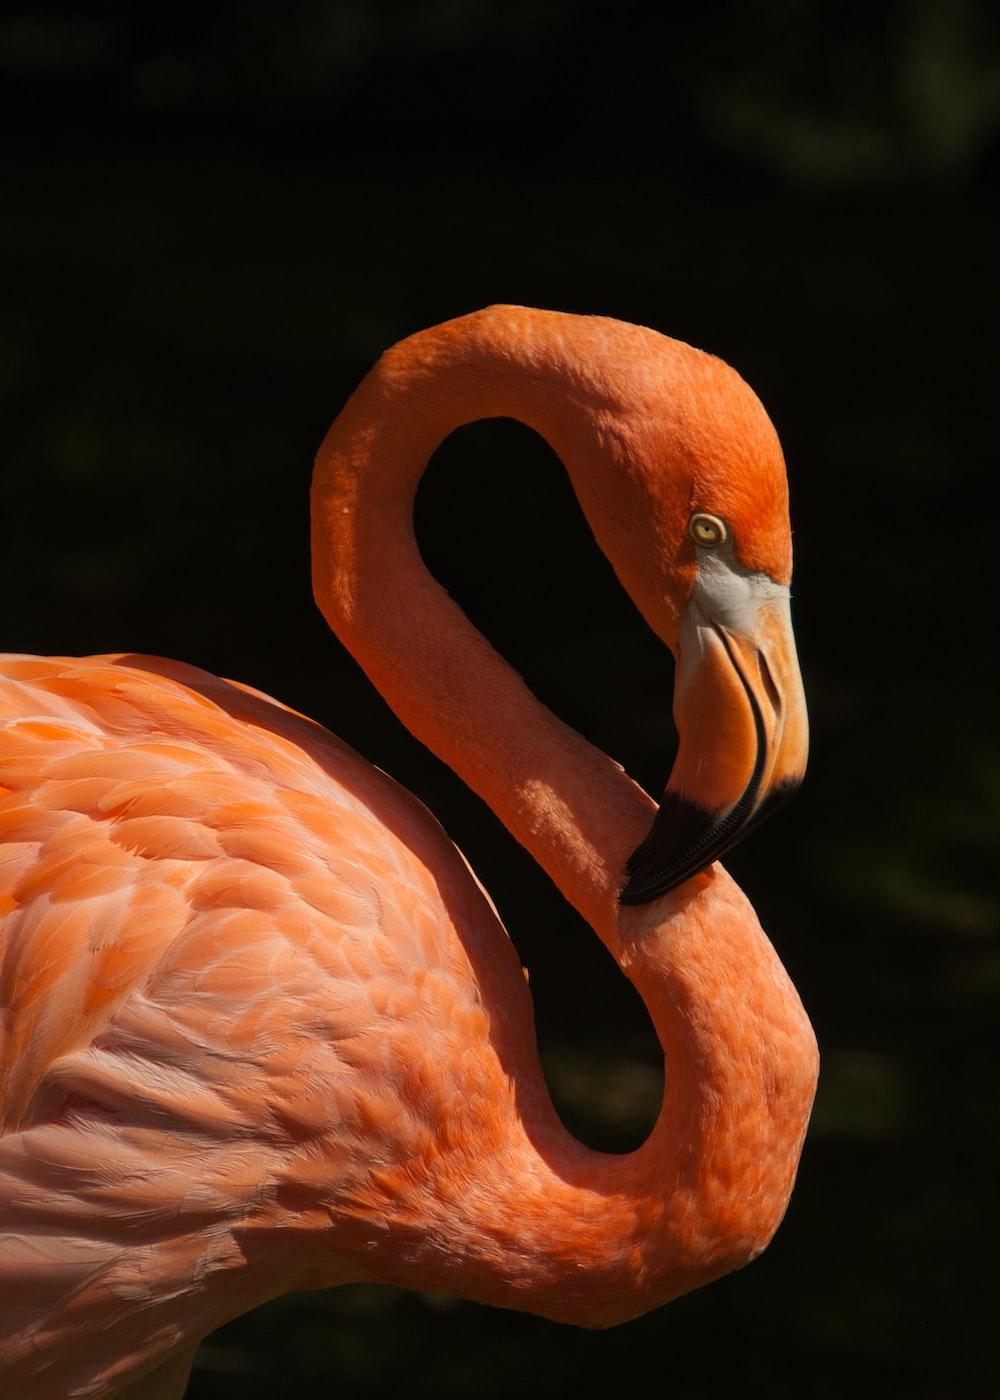 orange flamingo bird